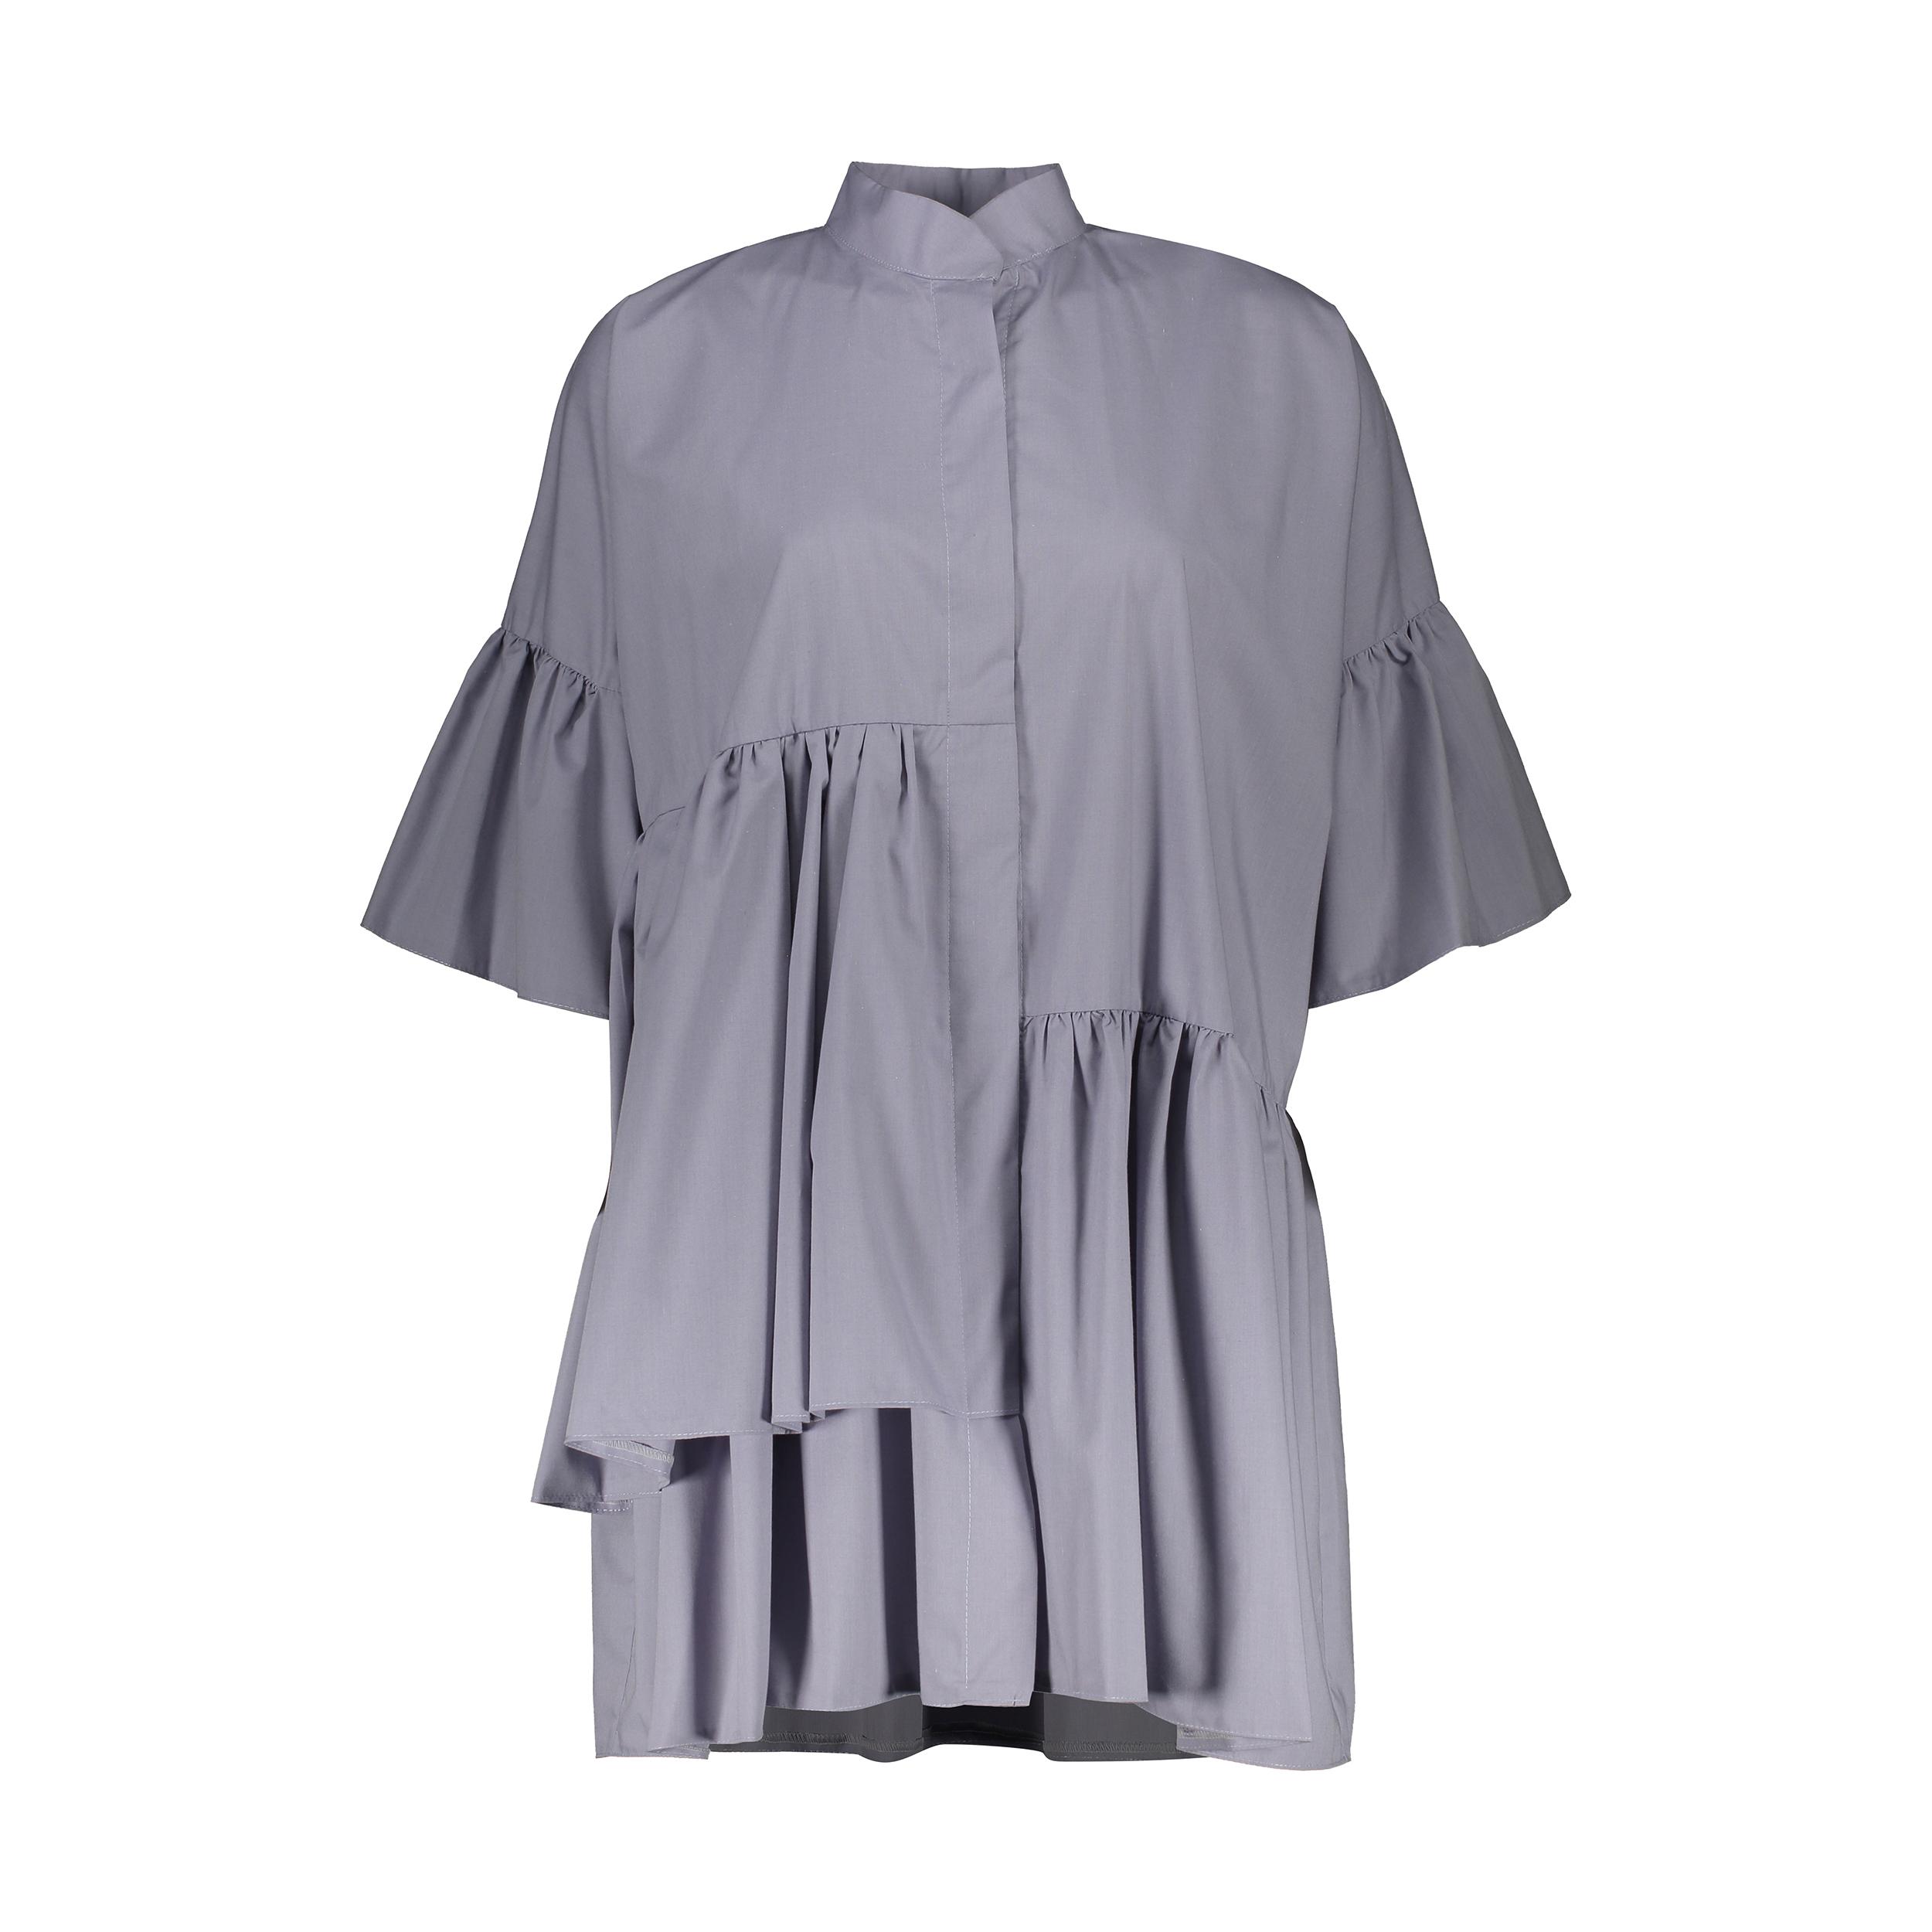 پیراهن زنانه اکزاترس مدل P050001110050011-91